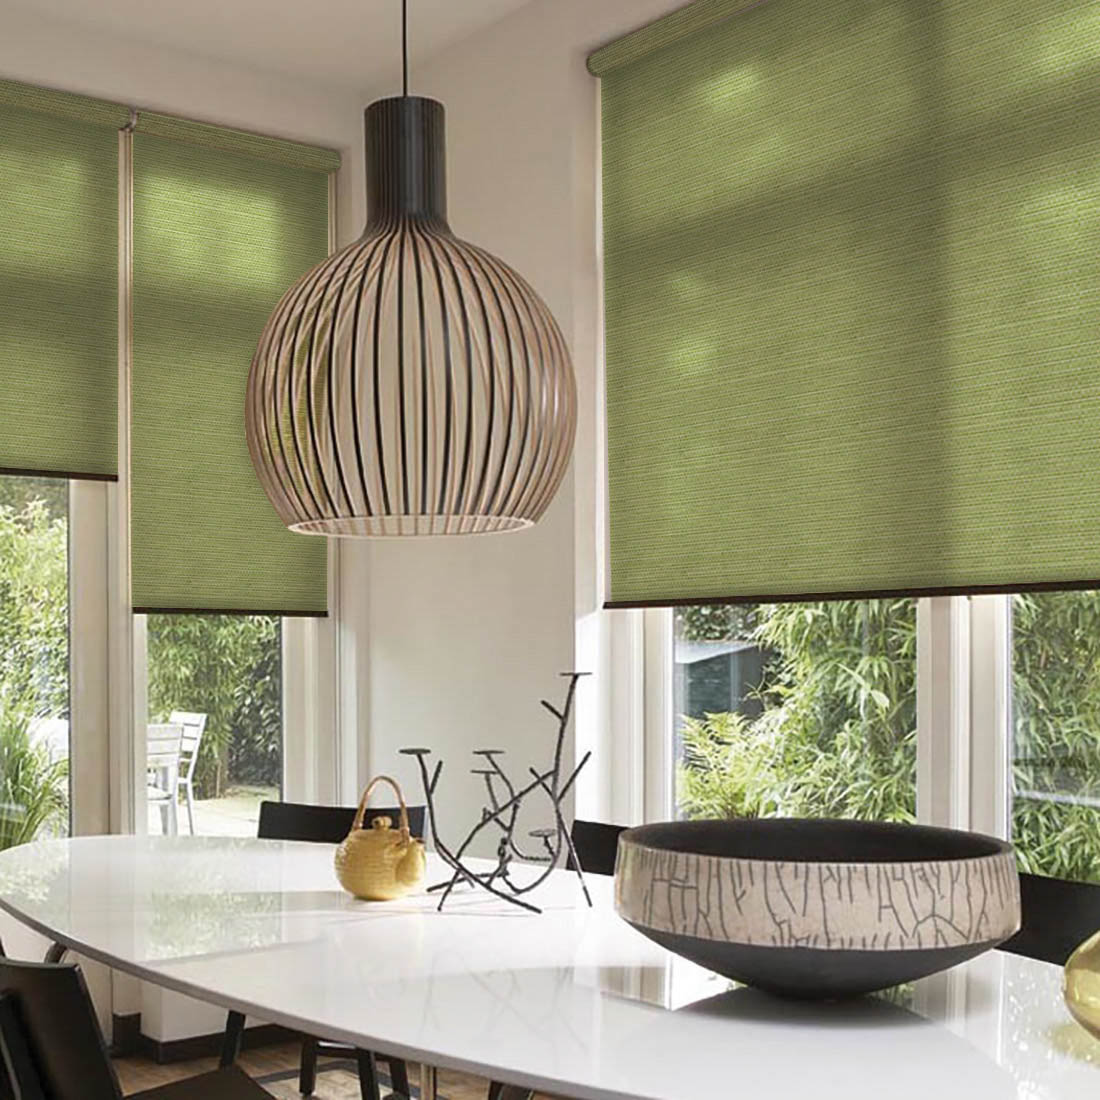 Шторы из бамбука – оригинальный современный аксессуар для создания необычного интерьера в восточном или минималистичном стиле. Особенность устройства полотна позволяет свободно пропускать дневной свет, что обеспечивает мягкое освещение комнаты. Это натуральный влагостойкий материал, который легко вписывается в любой интерьер, хорошо сочетается с различной мебелью и элементами отделки. Использование бамбукового полотна придает помещению необычный вид и визуально расширяет пространство. Кронштейны - специальные крючки-держатели, которые крепятся на поверхность, а на них крепится штора. Такой вид крепления обычно используется для рулонных, французских, римских или австрийских штор. Кронштейны держат конструкцию из вала (карниза), на котором находится полотно, и механизма подъема/опускания шторы.ВНИМАНИЕ! Комплектация штор может отличаться от представленной на фотографии. Фактическая комплектация указана в описании изделия.Производитель: Dome. Cтрана бренда: Дания.Рулонные шторы. Материал портьеры: Бамбук. Состав портьеры: бамбуковое волокно с нитью из полиэстера. Размер портьеры: 81 х 172 см. (1 шт.). Вид крепления: Кронштейны. Тип карниза: Без использования карниза. Рекомендуемая ширина карниза (см.): 80 -160. Светозащита 55-85%.В комплект входят: - Крепления на отрытую створку окна.- Кронштейны для вала со шторкой. - Вал с тканью (шторка). - Цепочка для регулирования шторы.- Утяжелитель для шторки. Крепление на глухую створку, направляющие, фиксатор для цепочного механизма - приобретаются отдельно. Максимальный размер карниза, указанный в описании, предполагает, что Вы будете использовать 2 полотна на одно окно. Обратите внимание на информацию о том, сколько полотен входит в данный комплект изначально. Зачастую шторы продаются по одному полотну, чтобы дать возможность подобрать изделия в желаемом цвете и стиле, создавая свое неповторимое сочетание.Комплектация: 1 портьера, крепления на отрытую створку окна, кронштейны для вала со шторкой, цепочка для регулирования шт